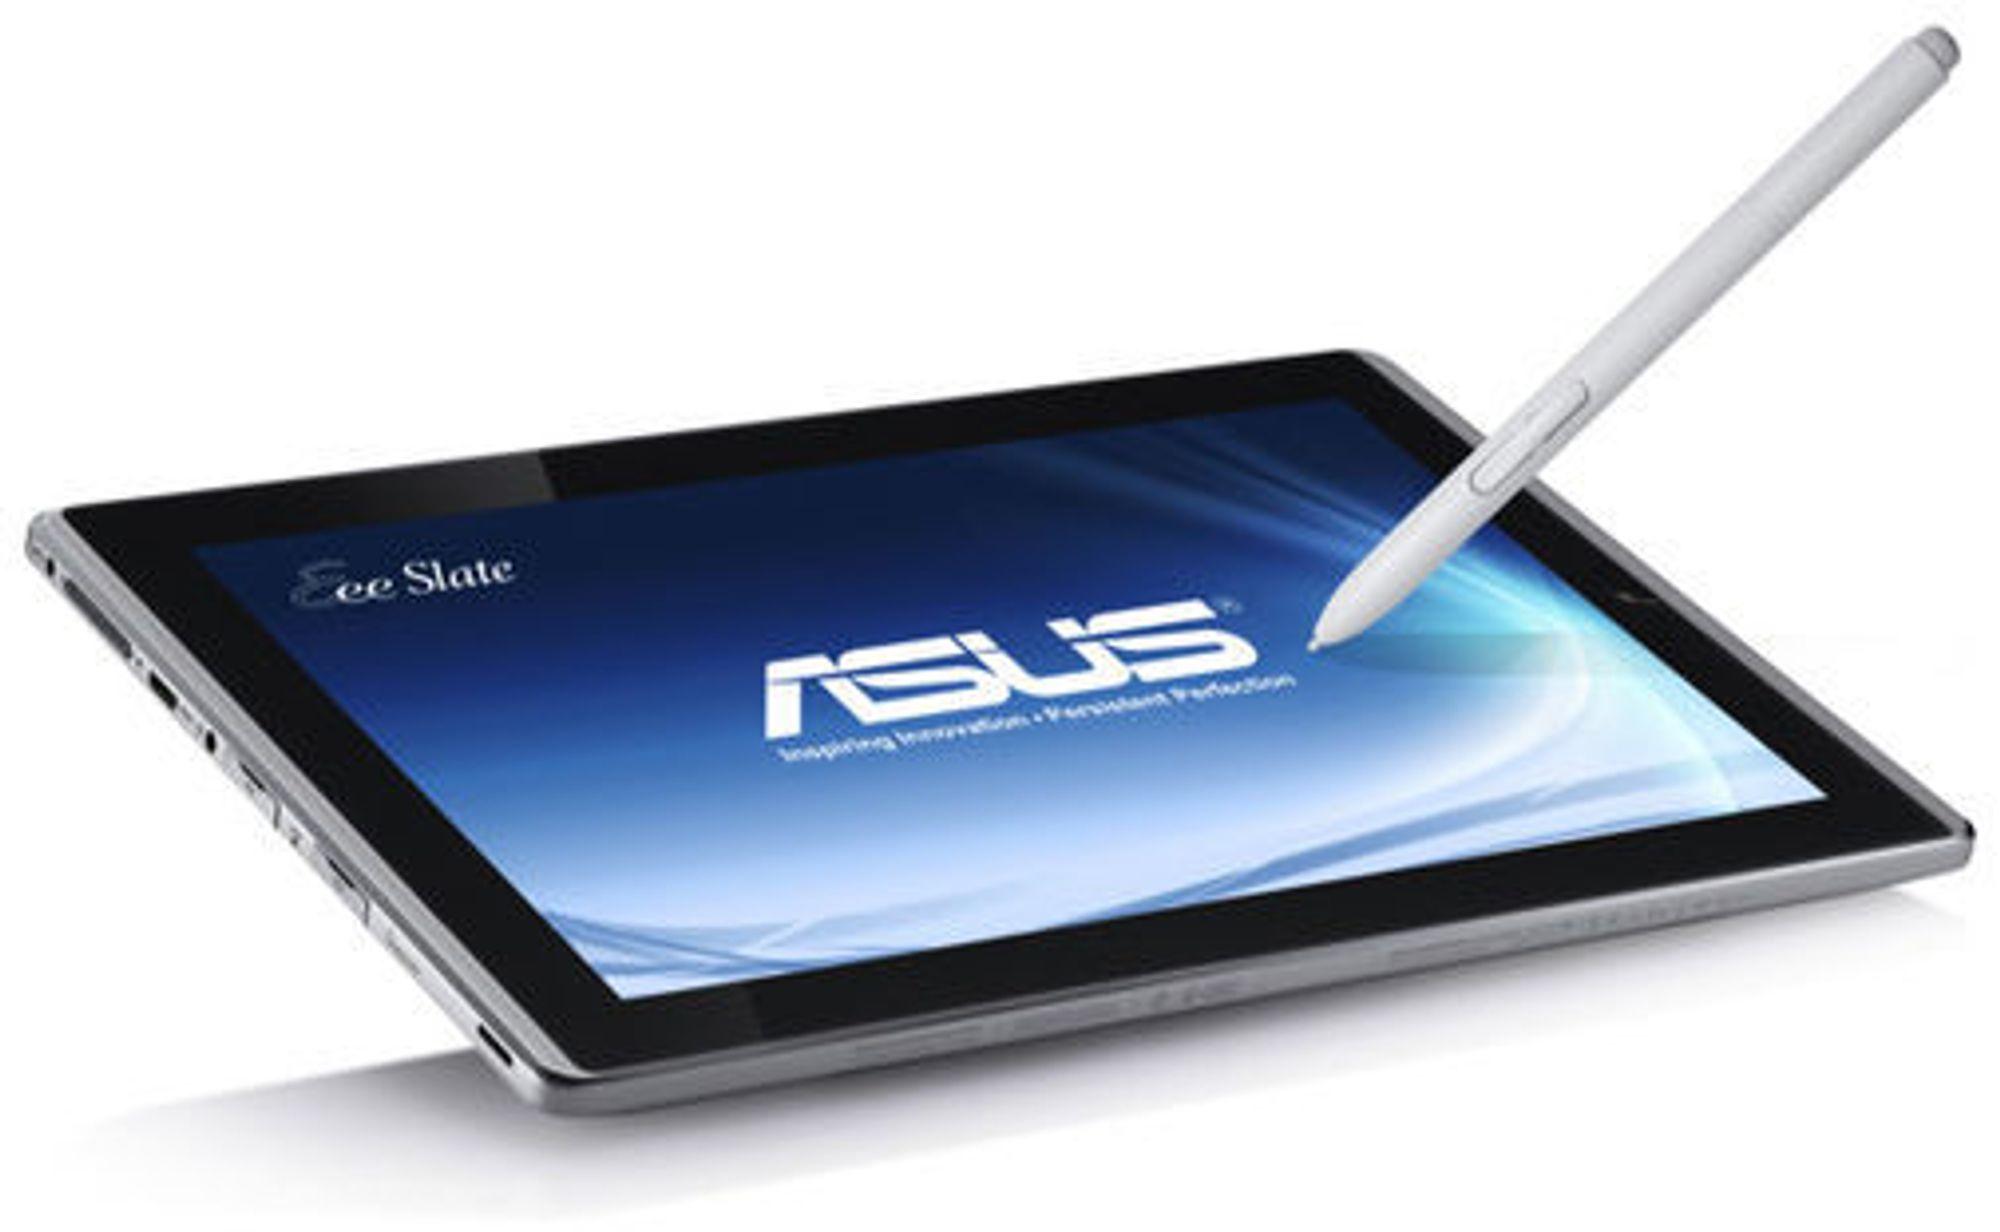 Asus Eee Slate EP121 er basert på Windows 7. Den har støtte for Bluetooth og mulighet for tilkobling av blant annet eksternt tastatur.